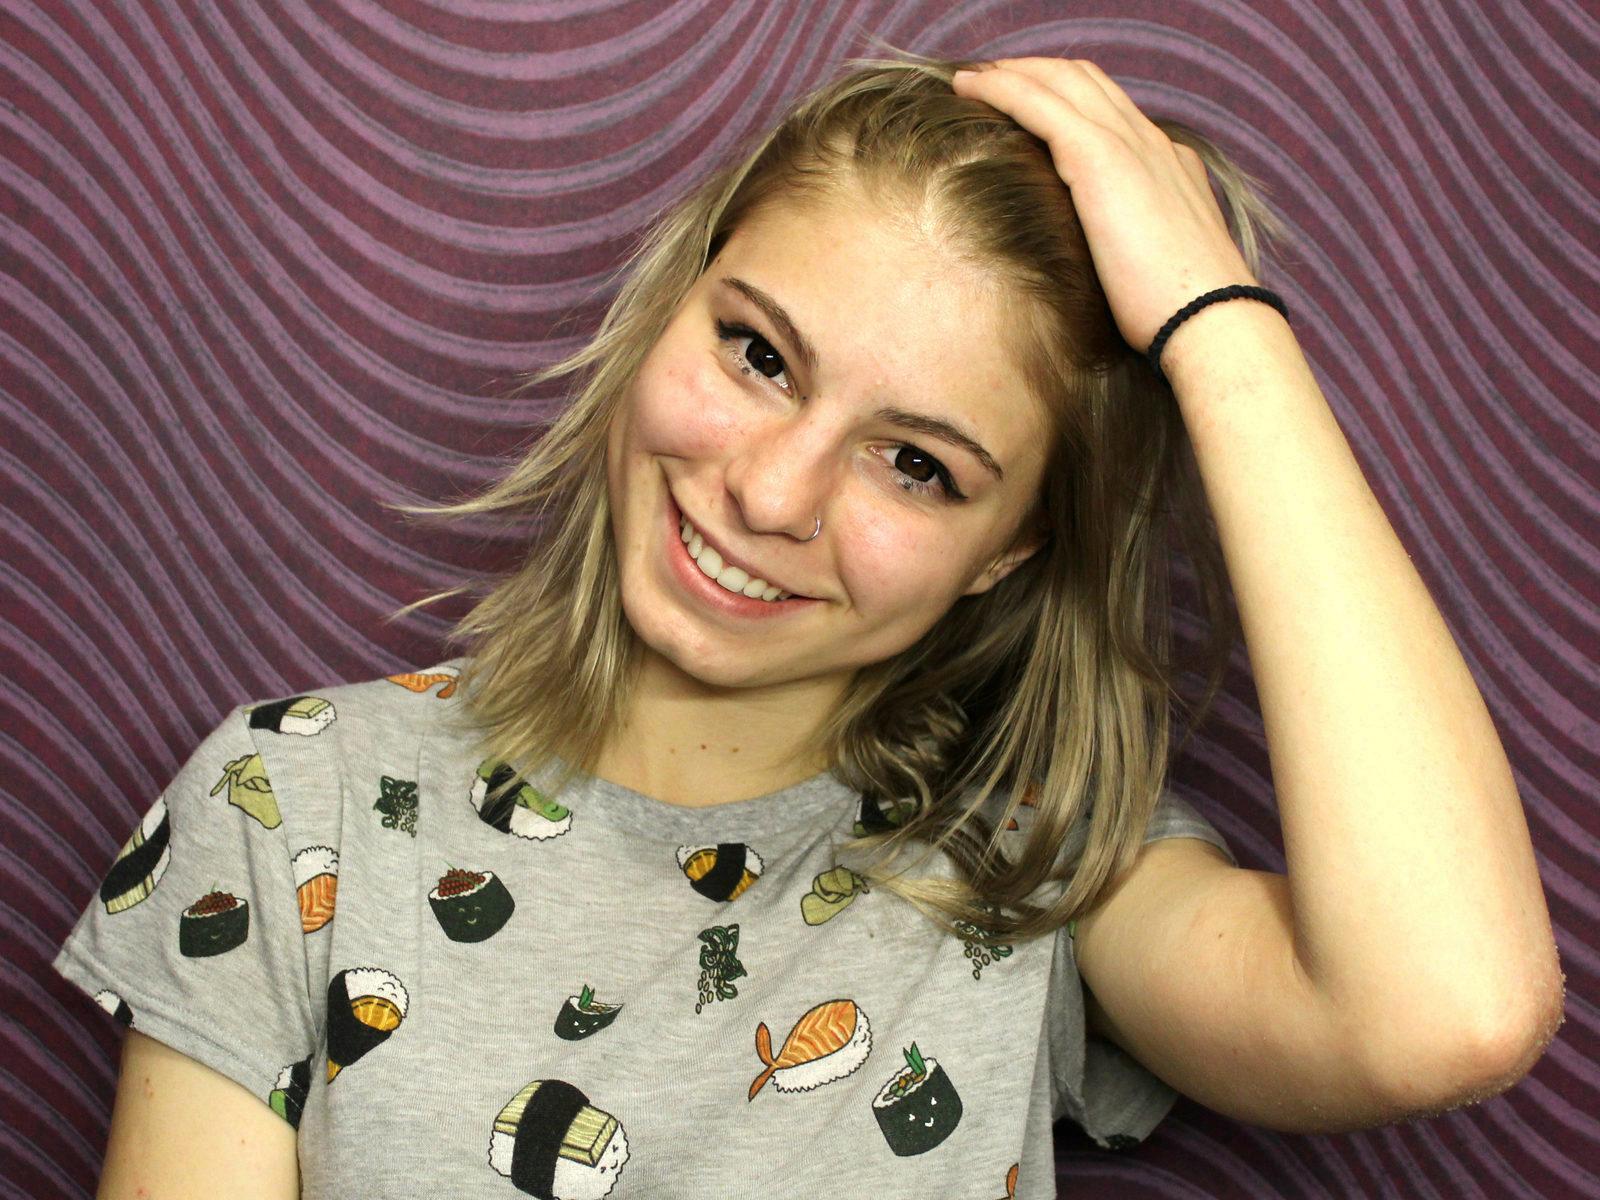 JohannaCarda